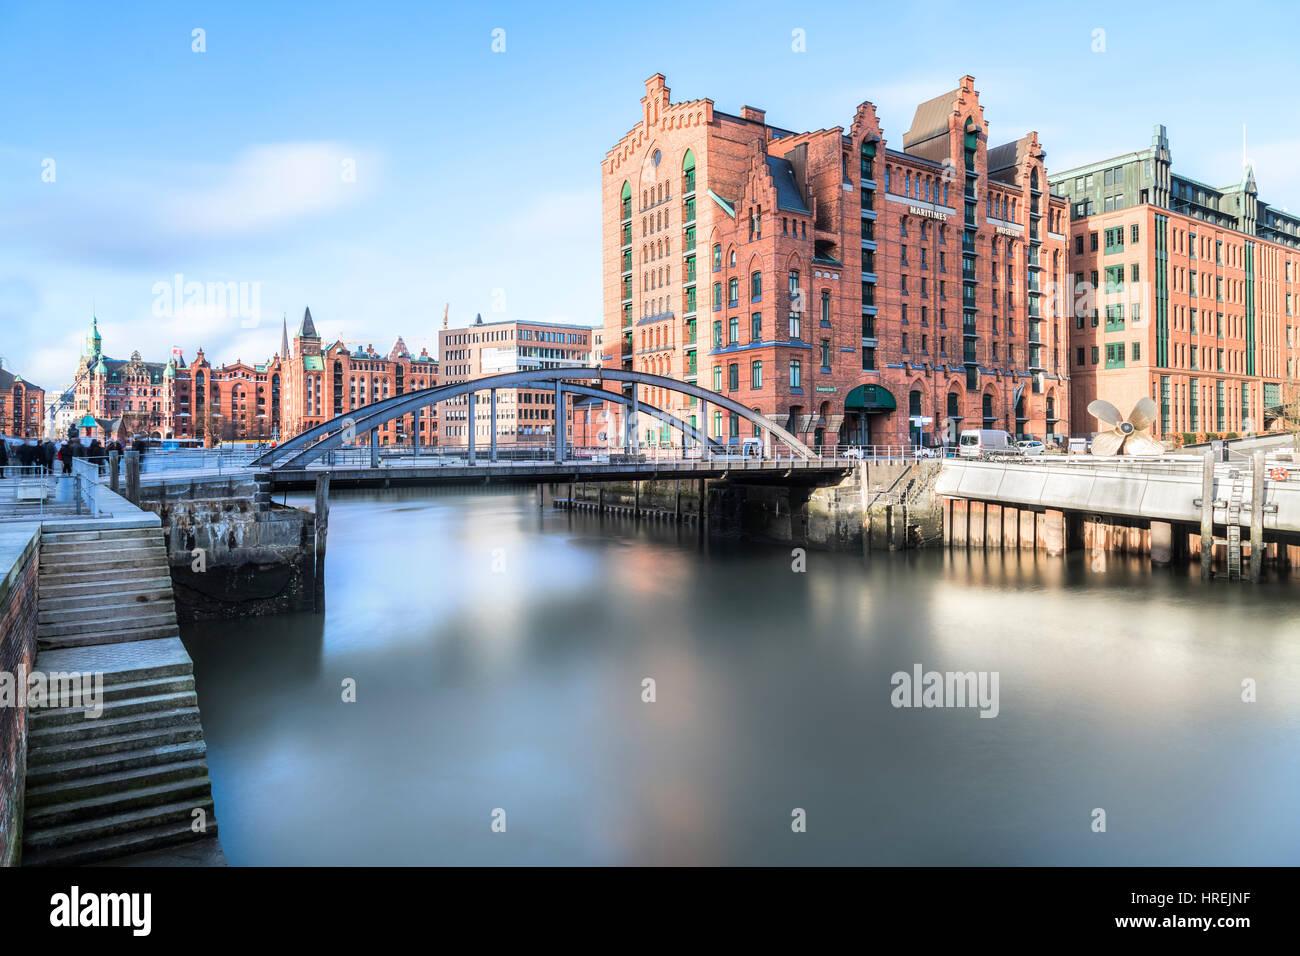 Brooktorhafen, Hamburg, Germany, Europe - Stock Image